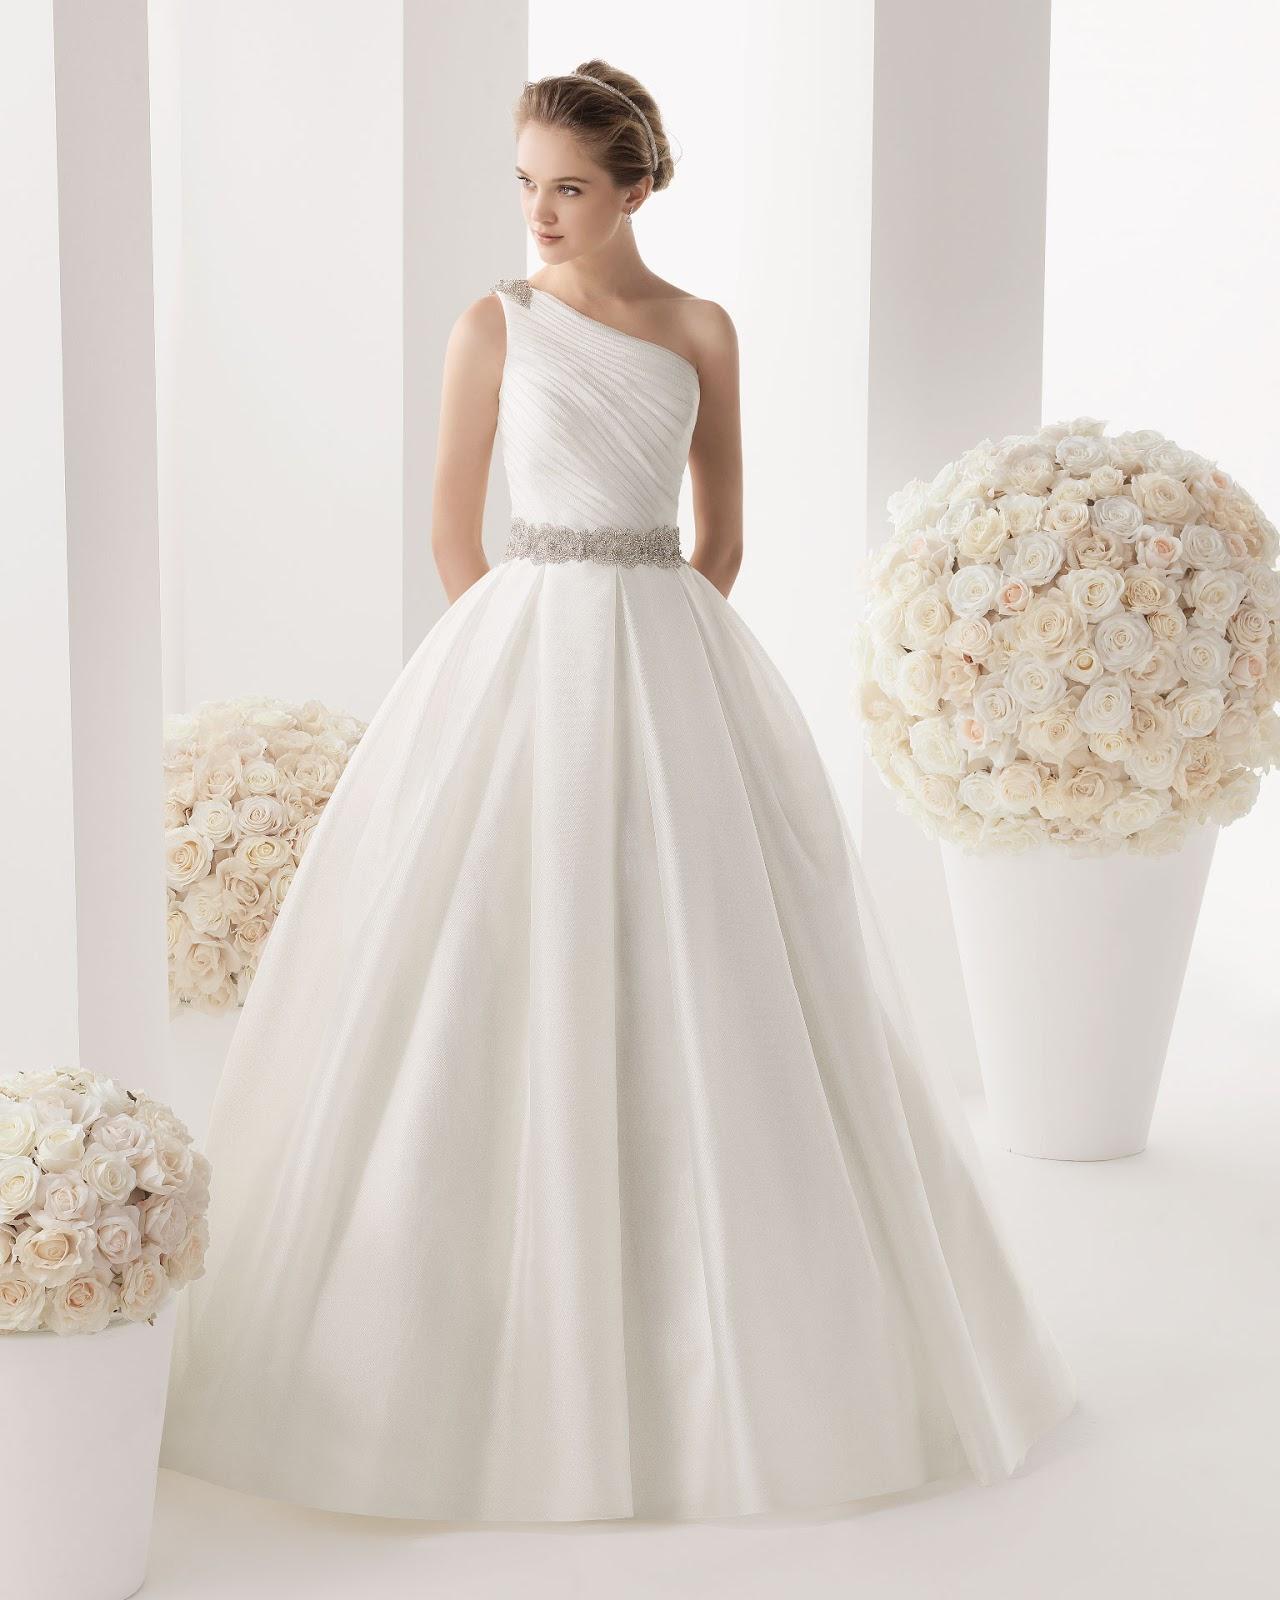 Guia de tipos de escotes en vestidos de novia - Moda nupcial - Foro ... d634acda34dd